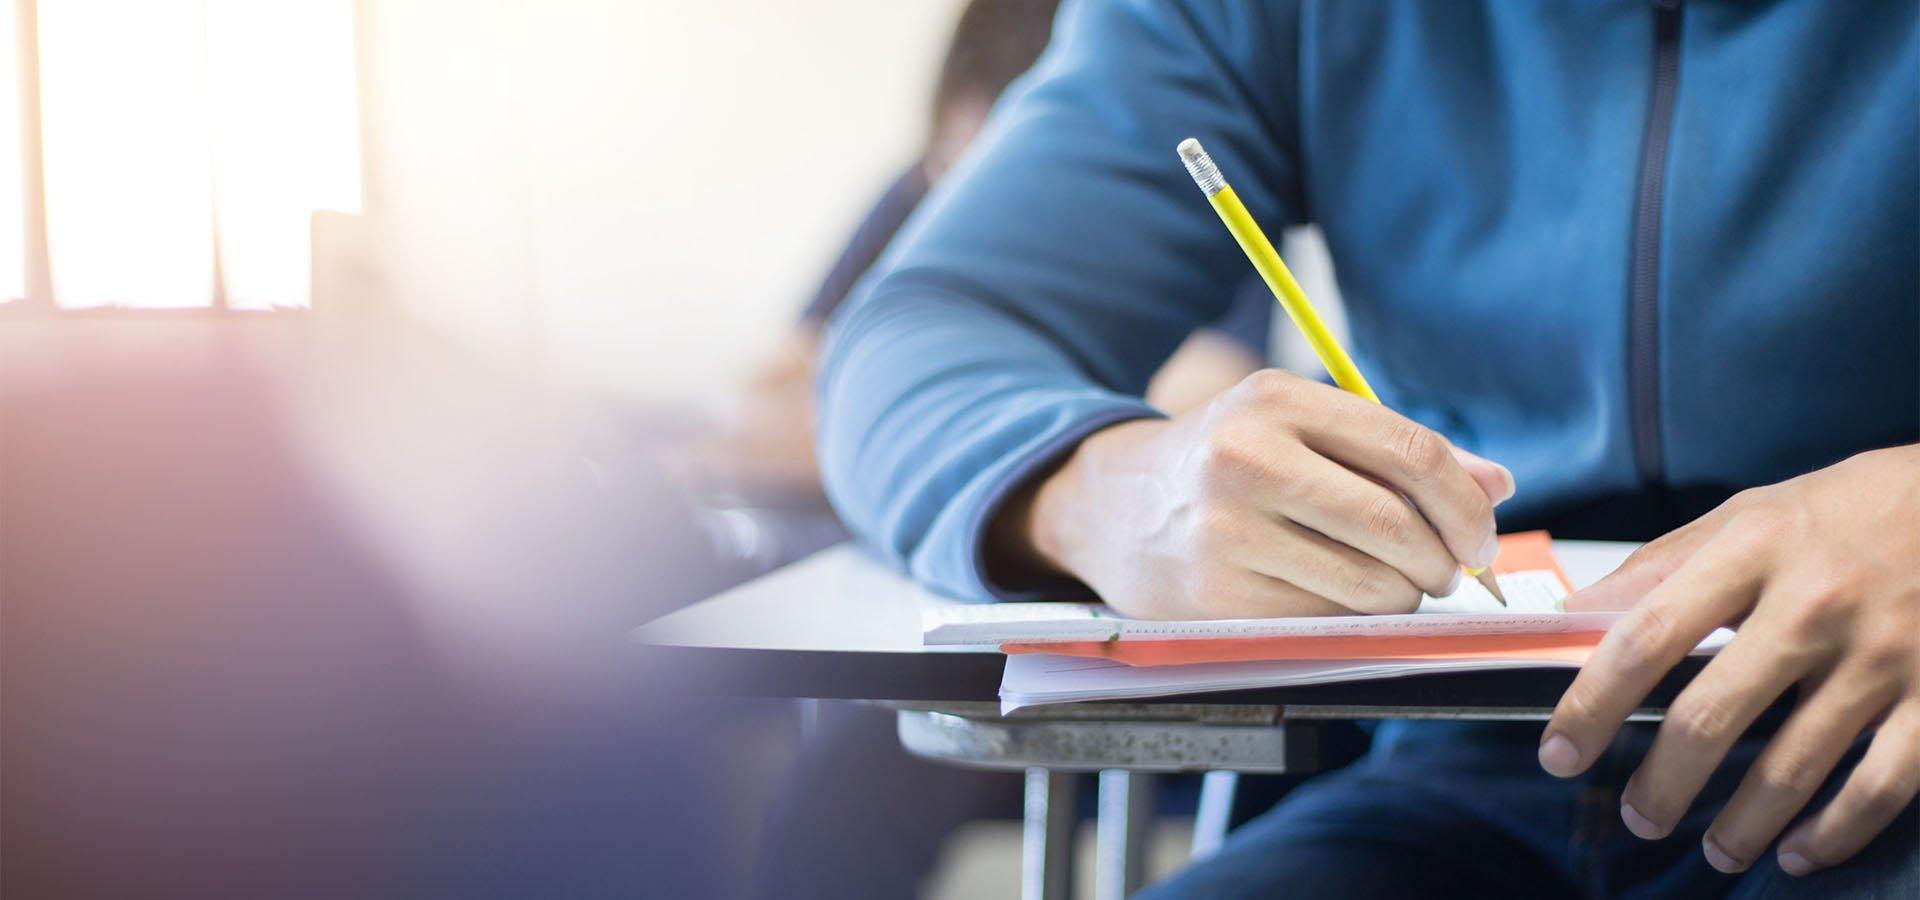 Sinipaitainen opiskelija istuu pulpetissa ja kirjoittaa lyijykynällä paperiin.